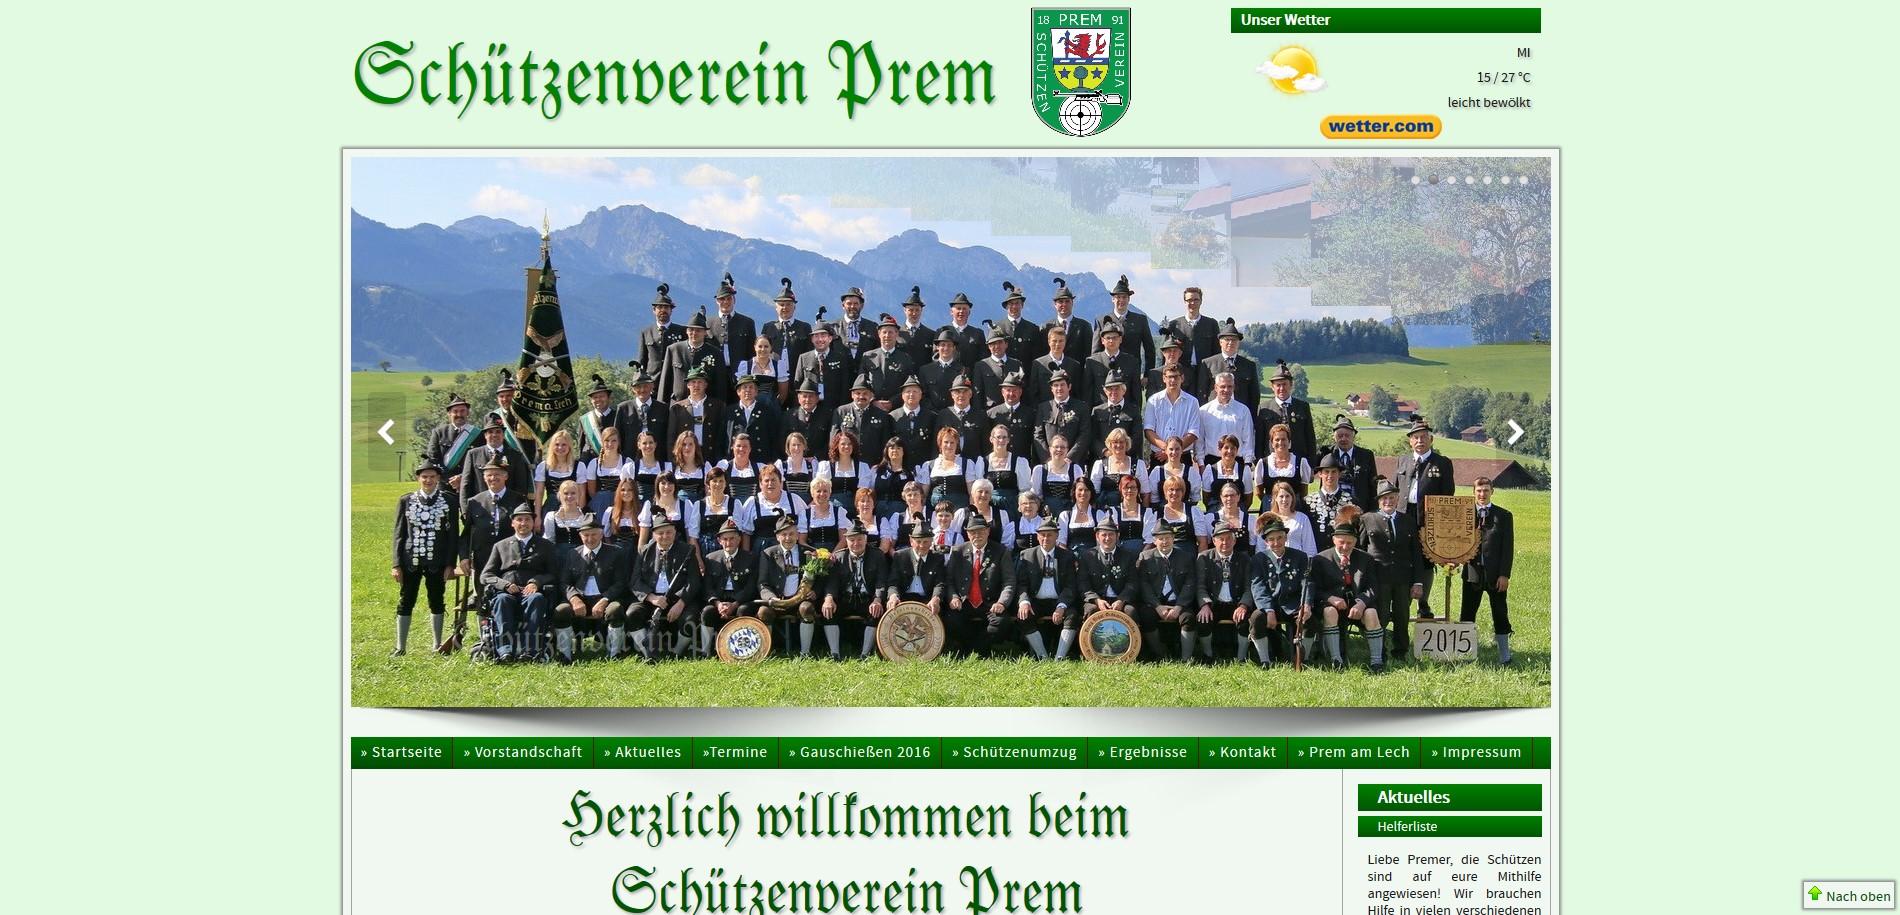 Schüstzenverein Prem